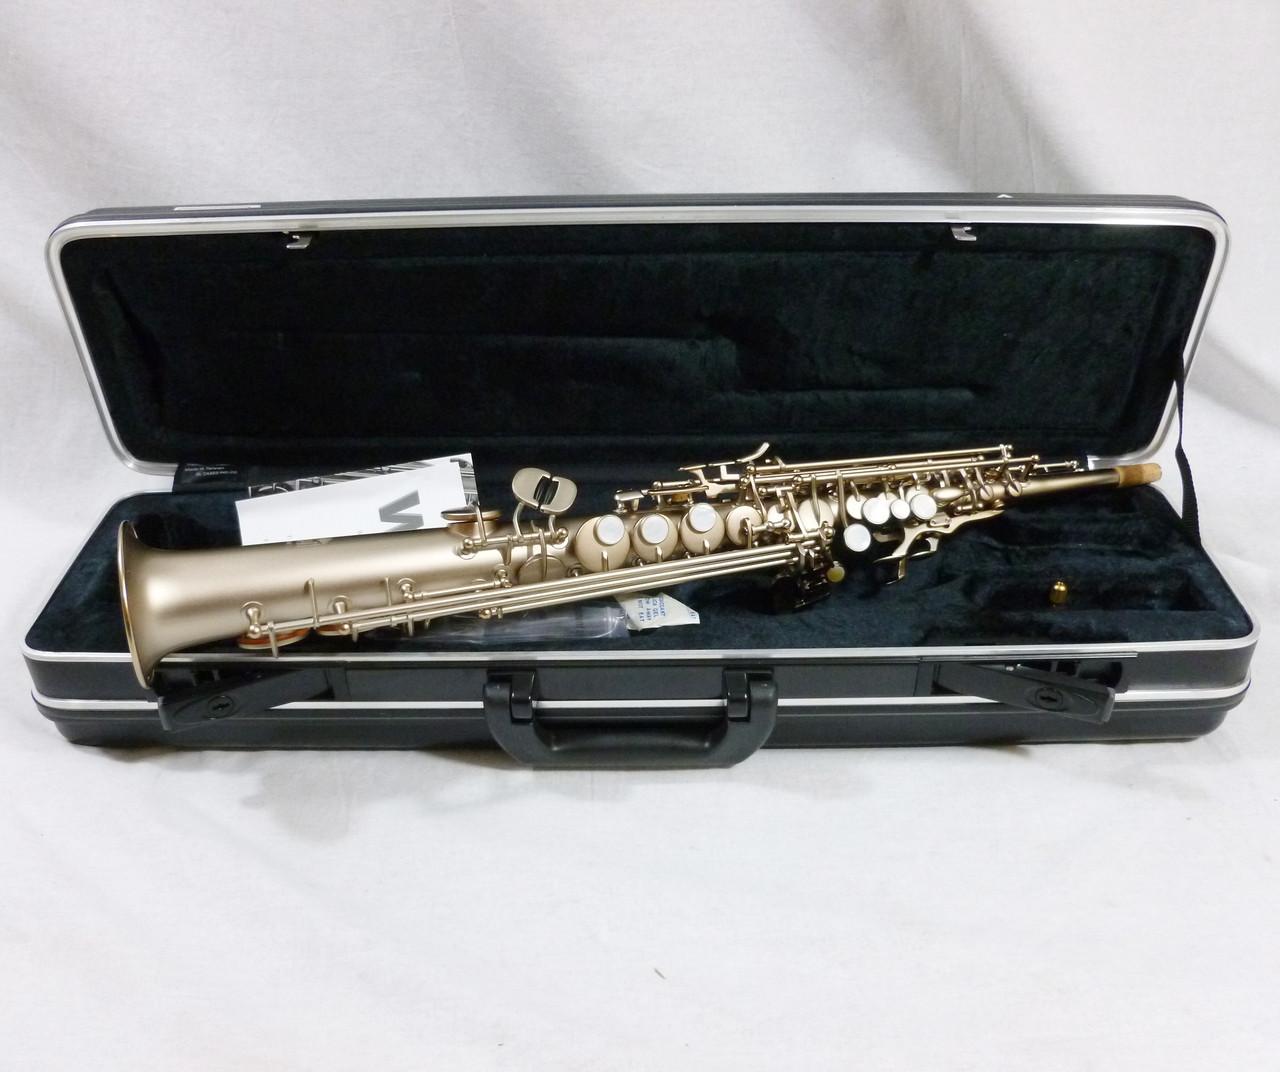 trevor james horn 88 soprano sax